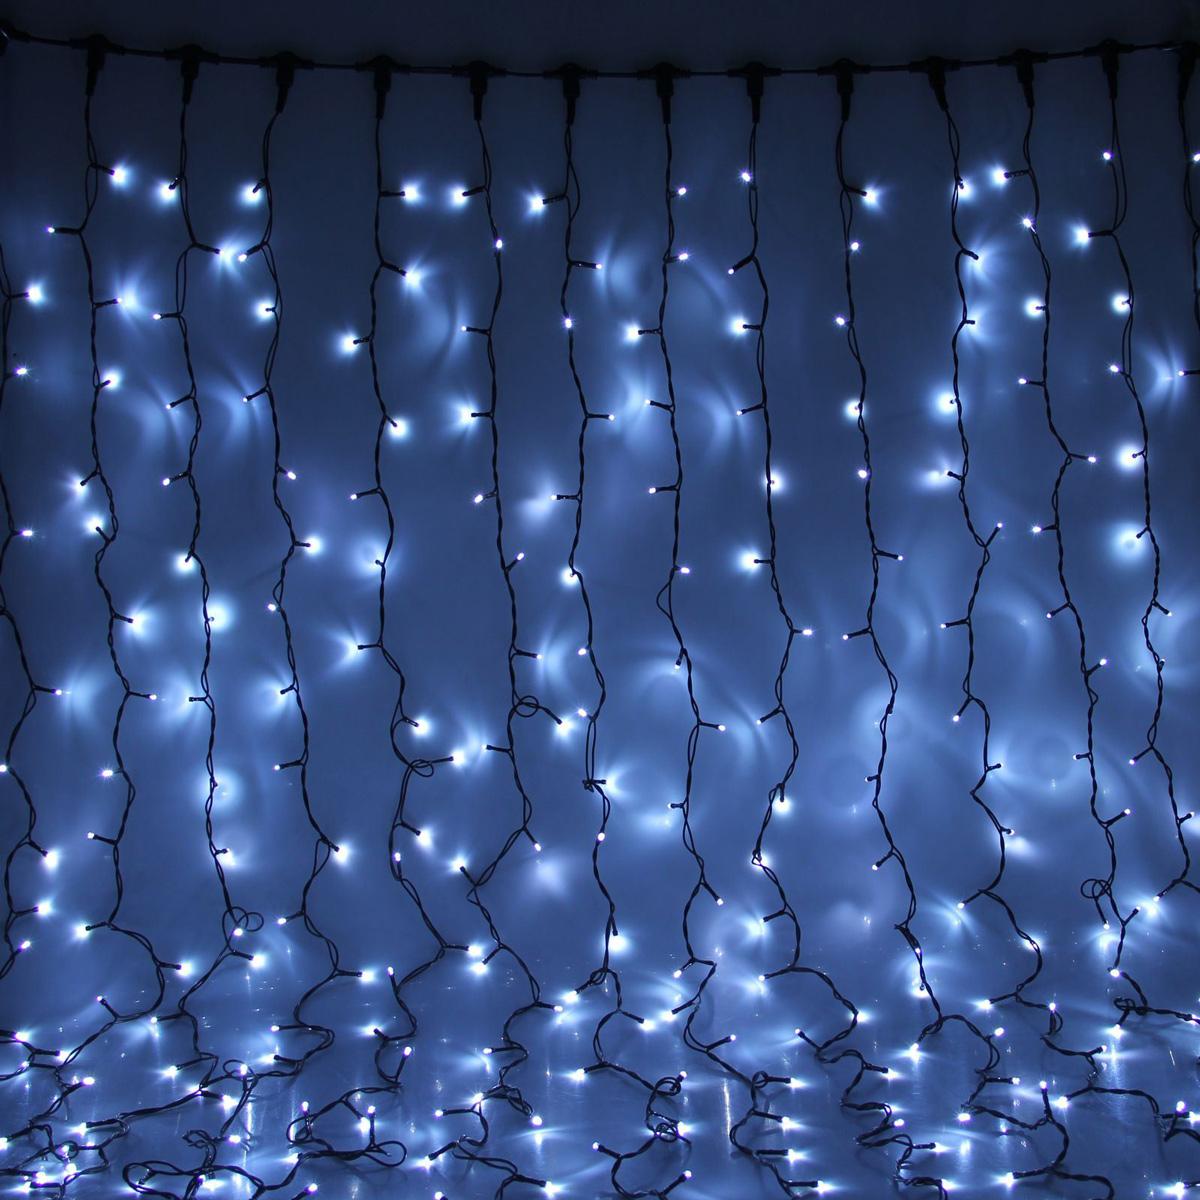 Гирлянда светодиодная Luazon Занавес, цвет: белый, уличная, 1800 ламп, 220 V, 2 х 9 м. 1080313 гирлянда luazon дождь 2m 6m multicolor 671678